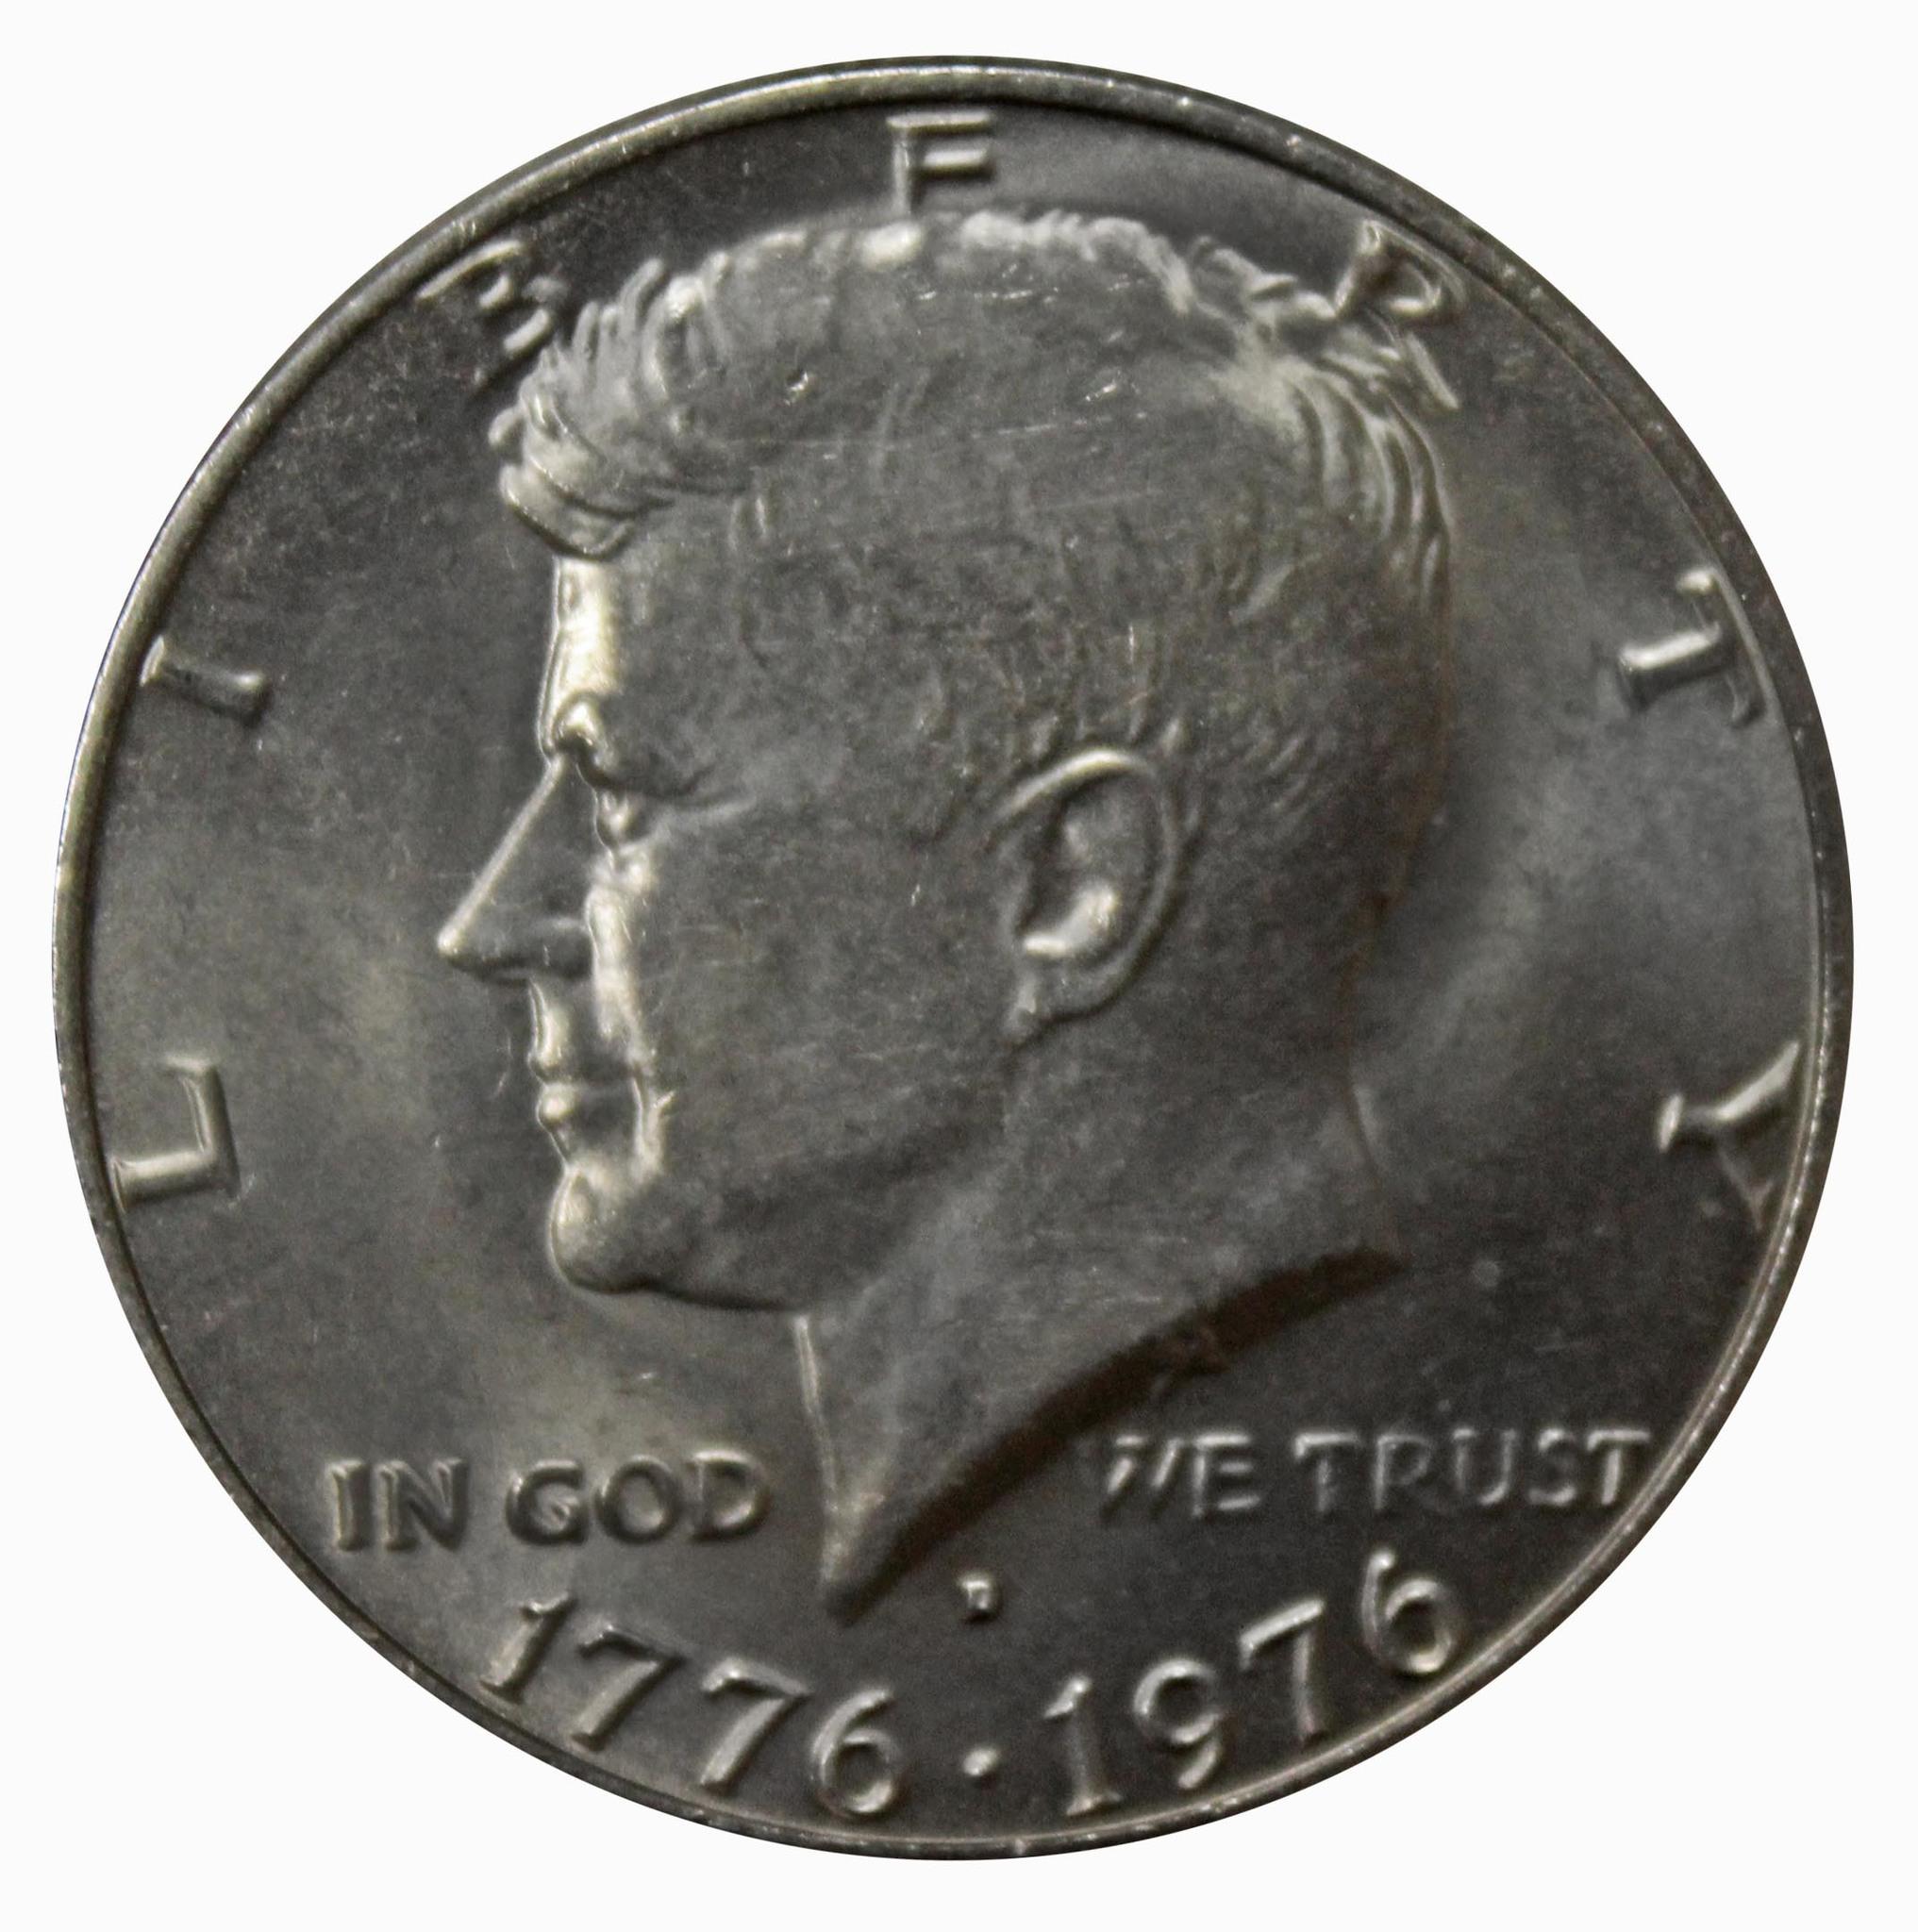 50 центов США. 200 лет независимости Америки. Кеннеди-Башня. 1976 год. UNC